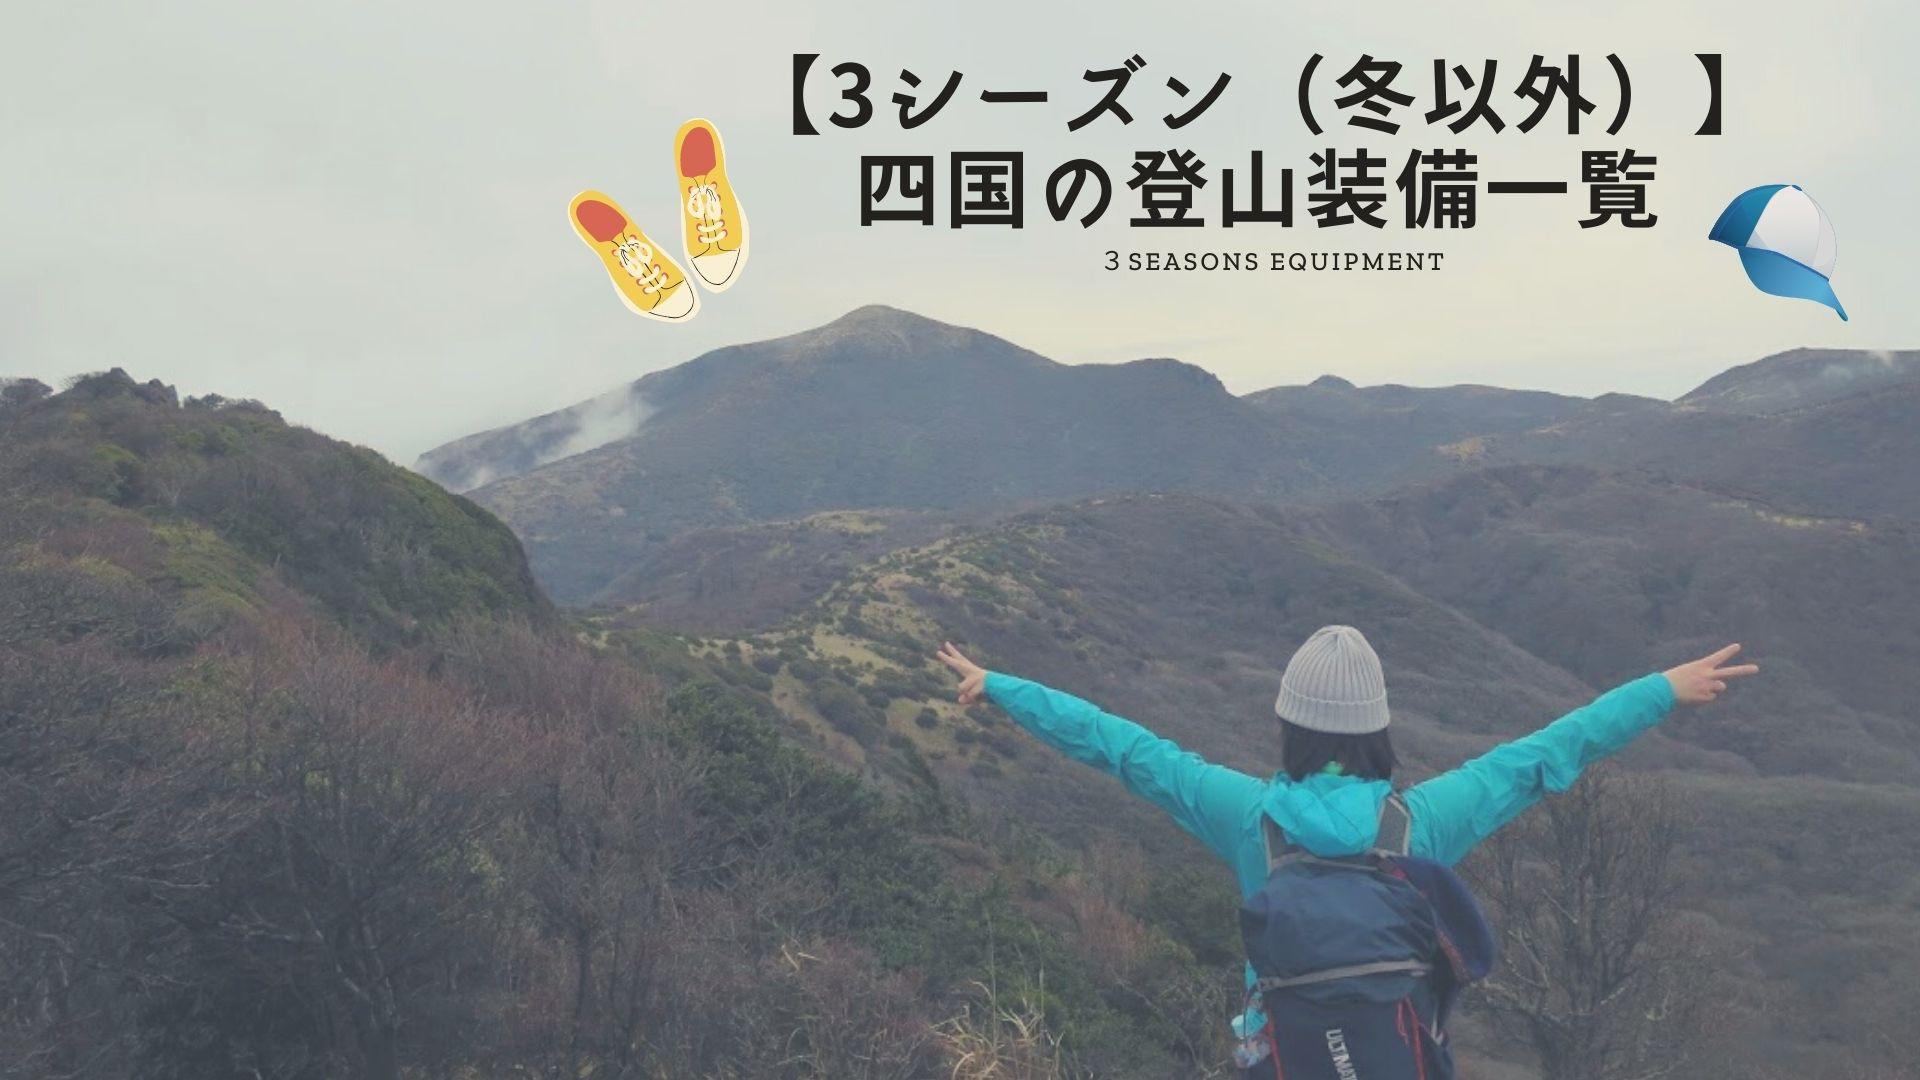 【3シーズン(冬以外)】四国の登山装備一覧